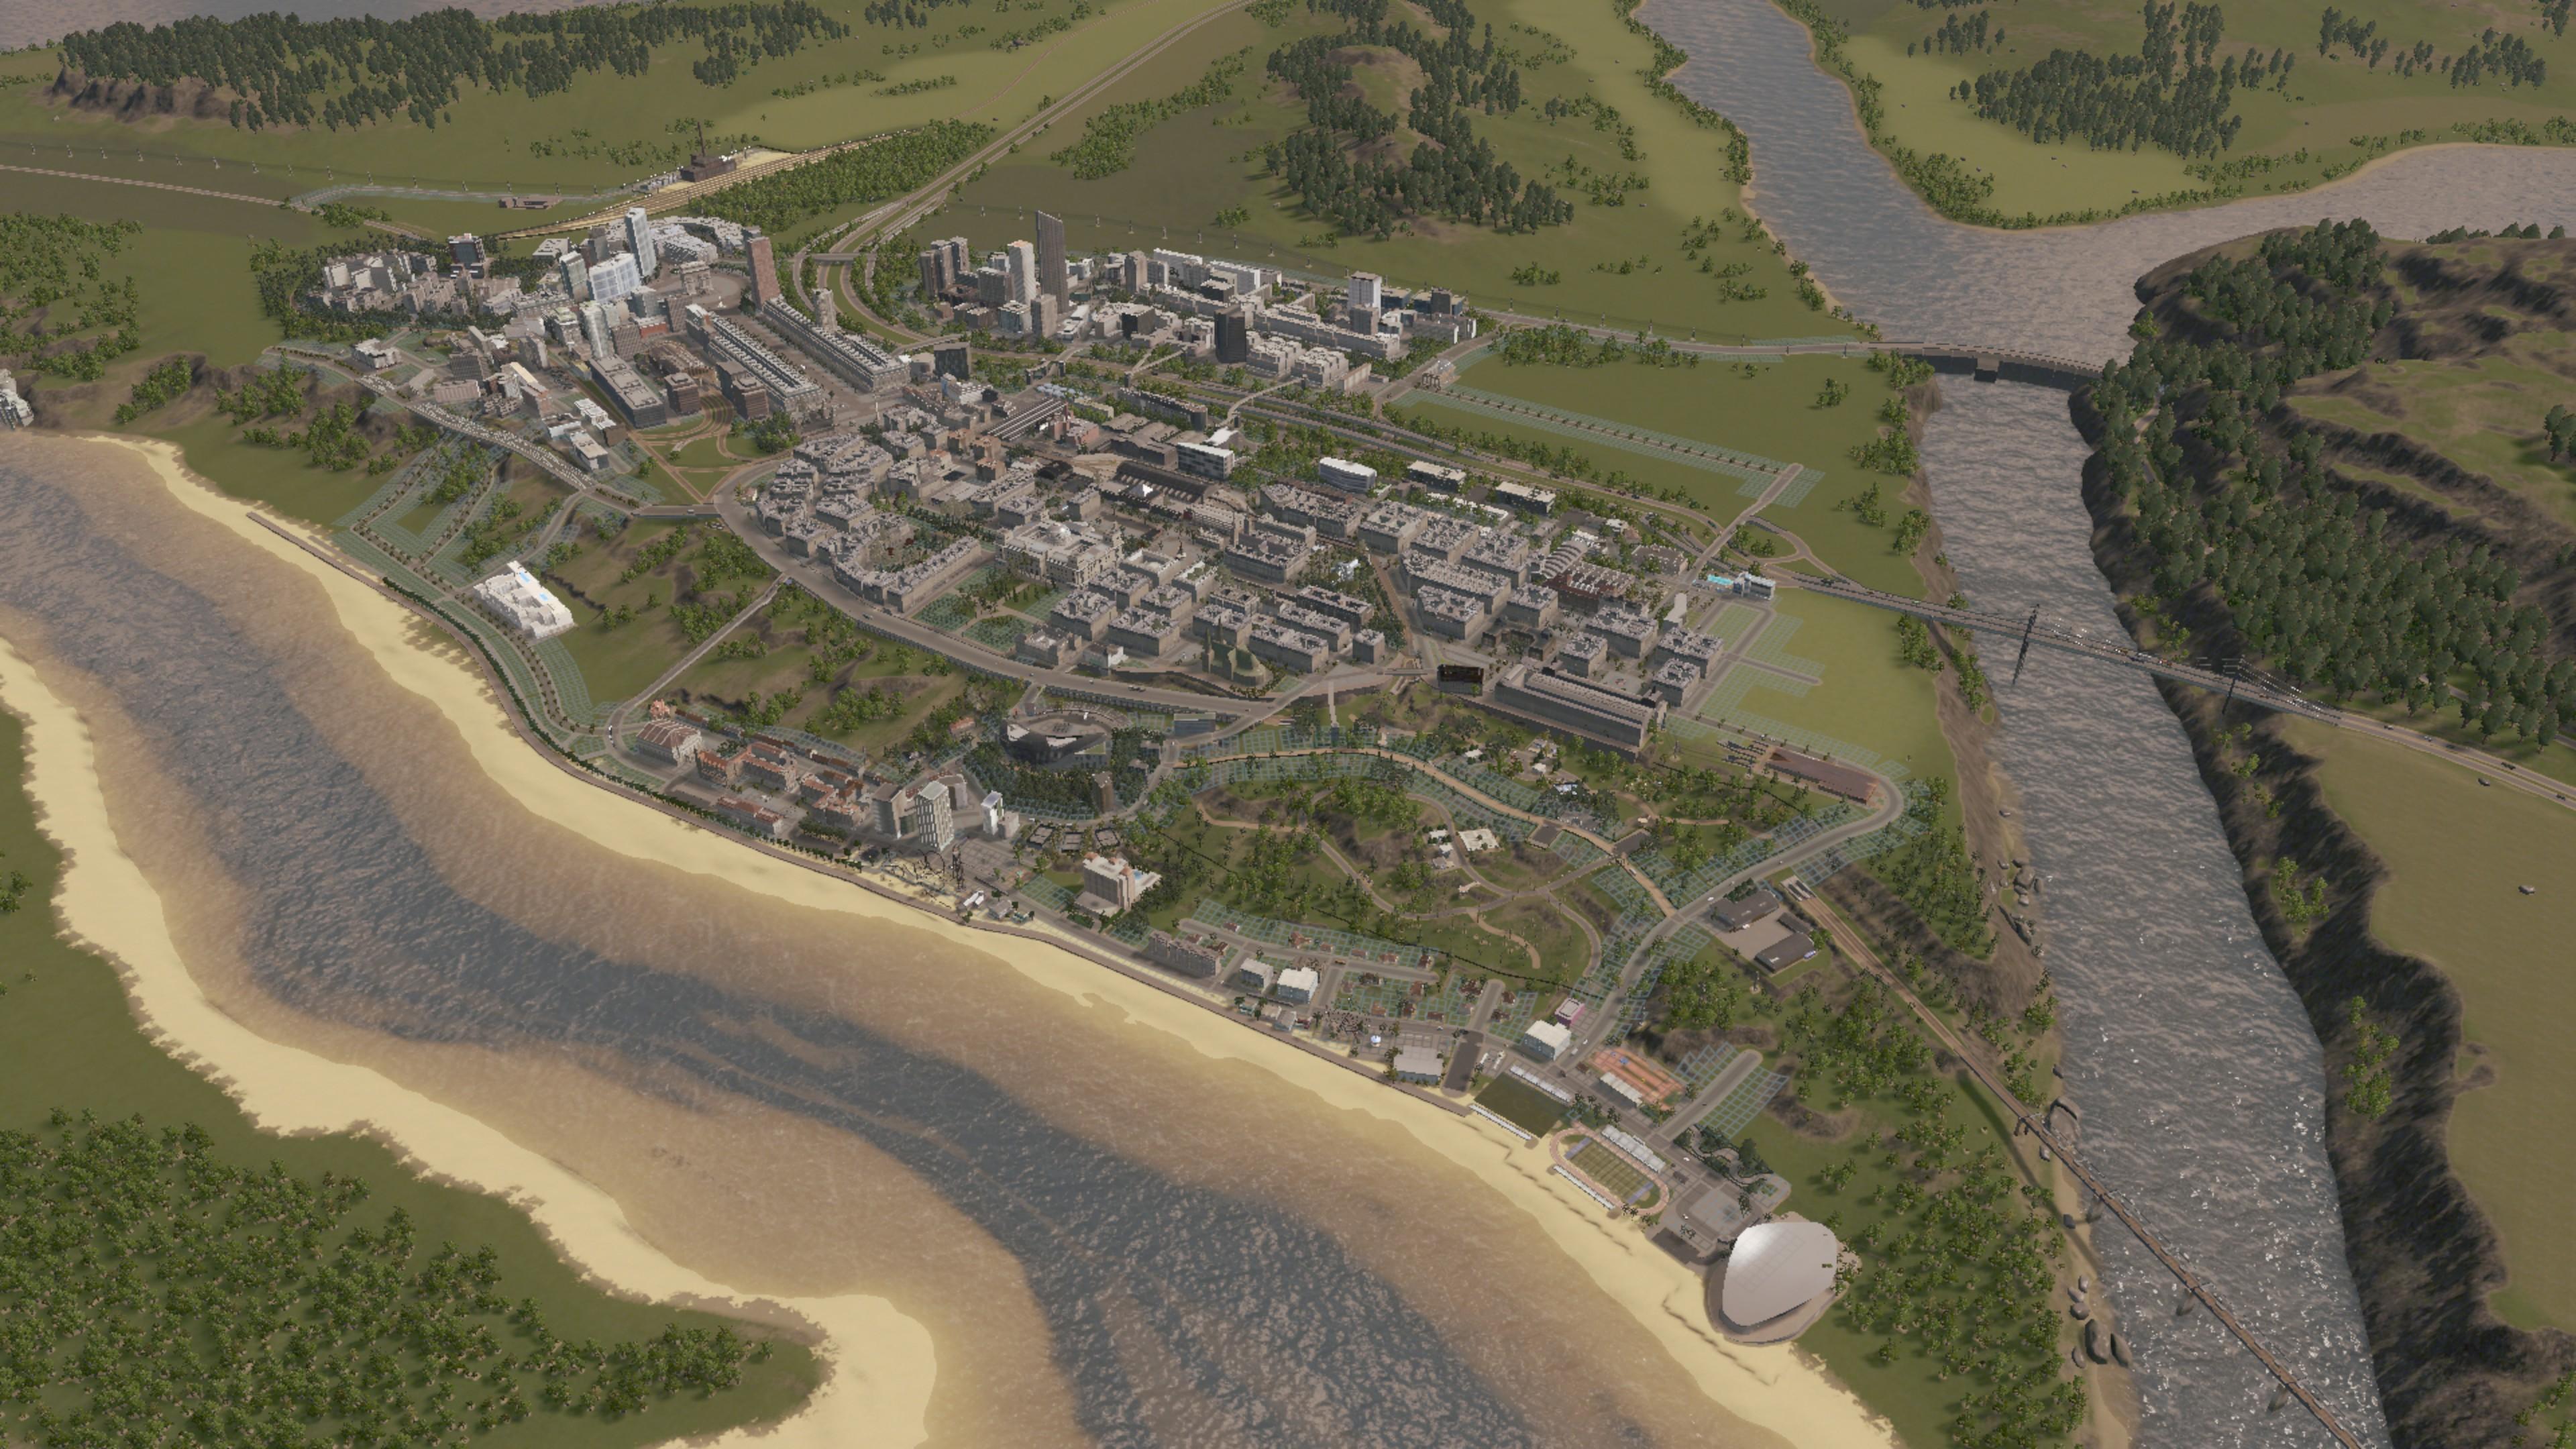 Labadie - Journal 3 d'une ville en construction - Page 3 C7BCE285156300C7207FF497AFBCAD4E69740912